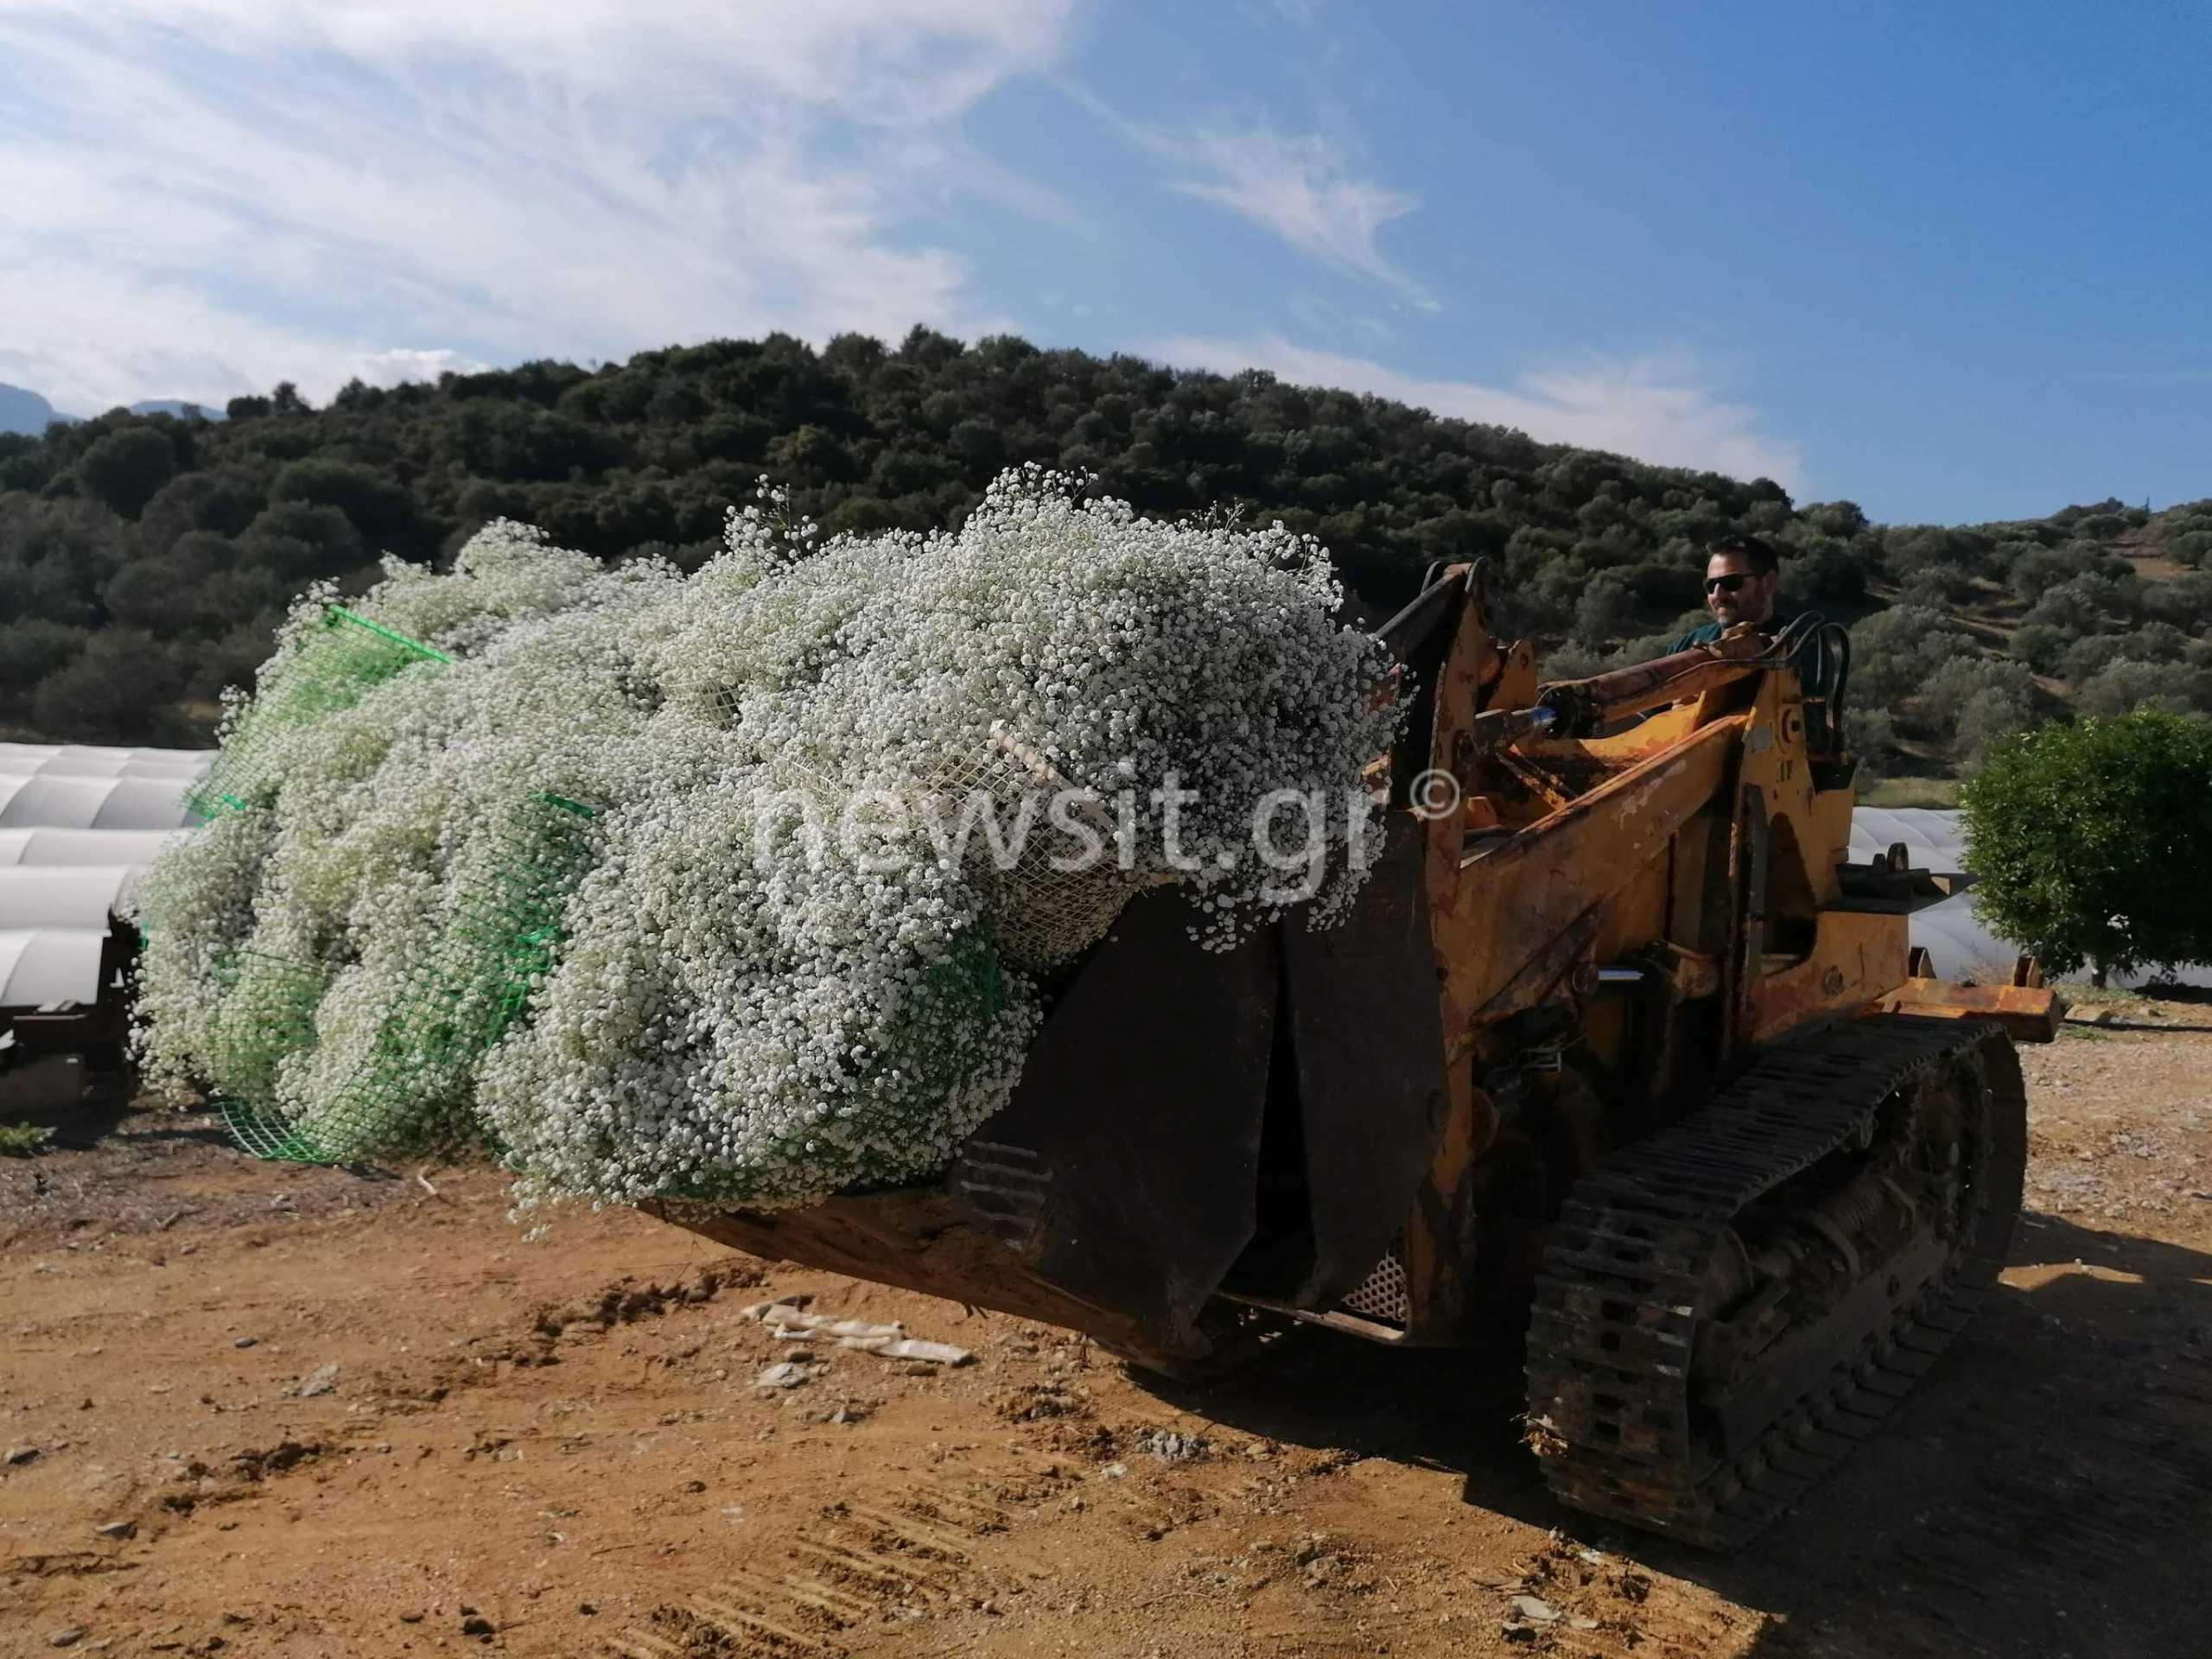 Κραυγή απόγνωσης: Ο κορονοϊός «σκοτώνει» και τα λουλούδια – Στα σκουπίδια το 80% της παραγωγής!